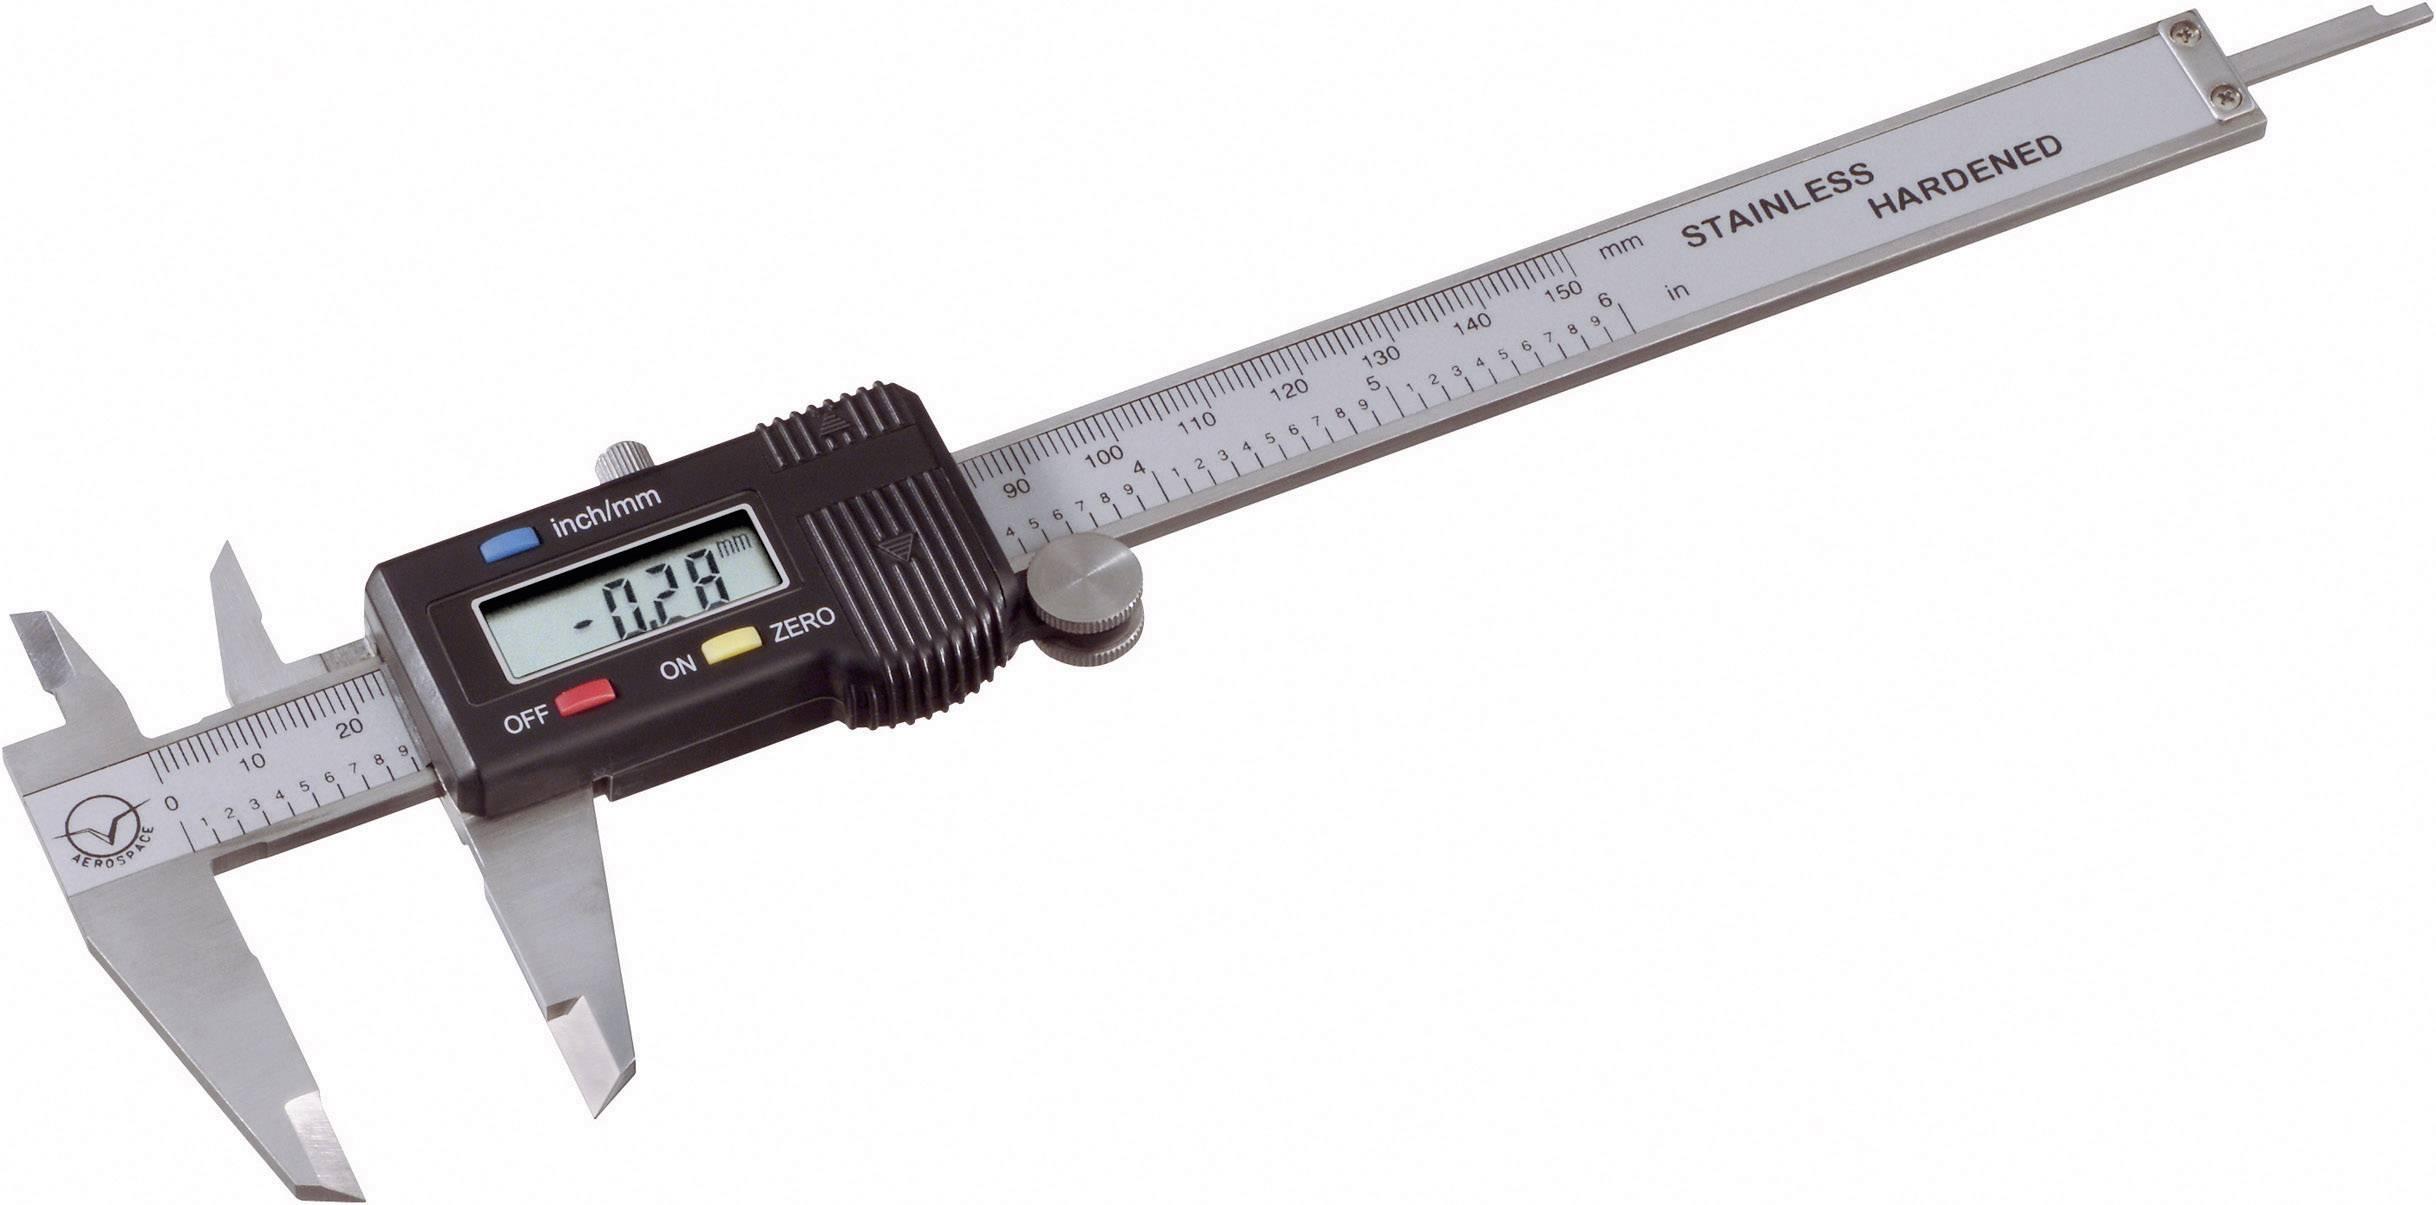 Digitální posuvné měřítko PMS 150 803308, měřicí rozsah 150 mm